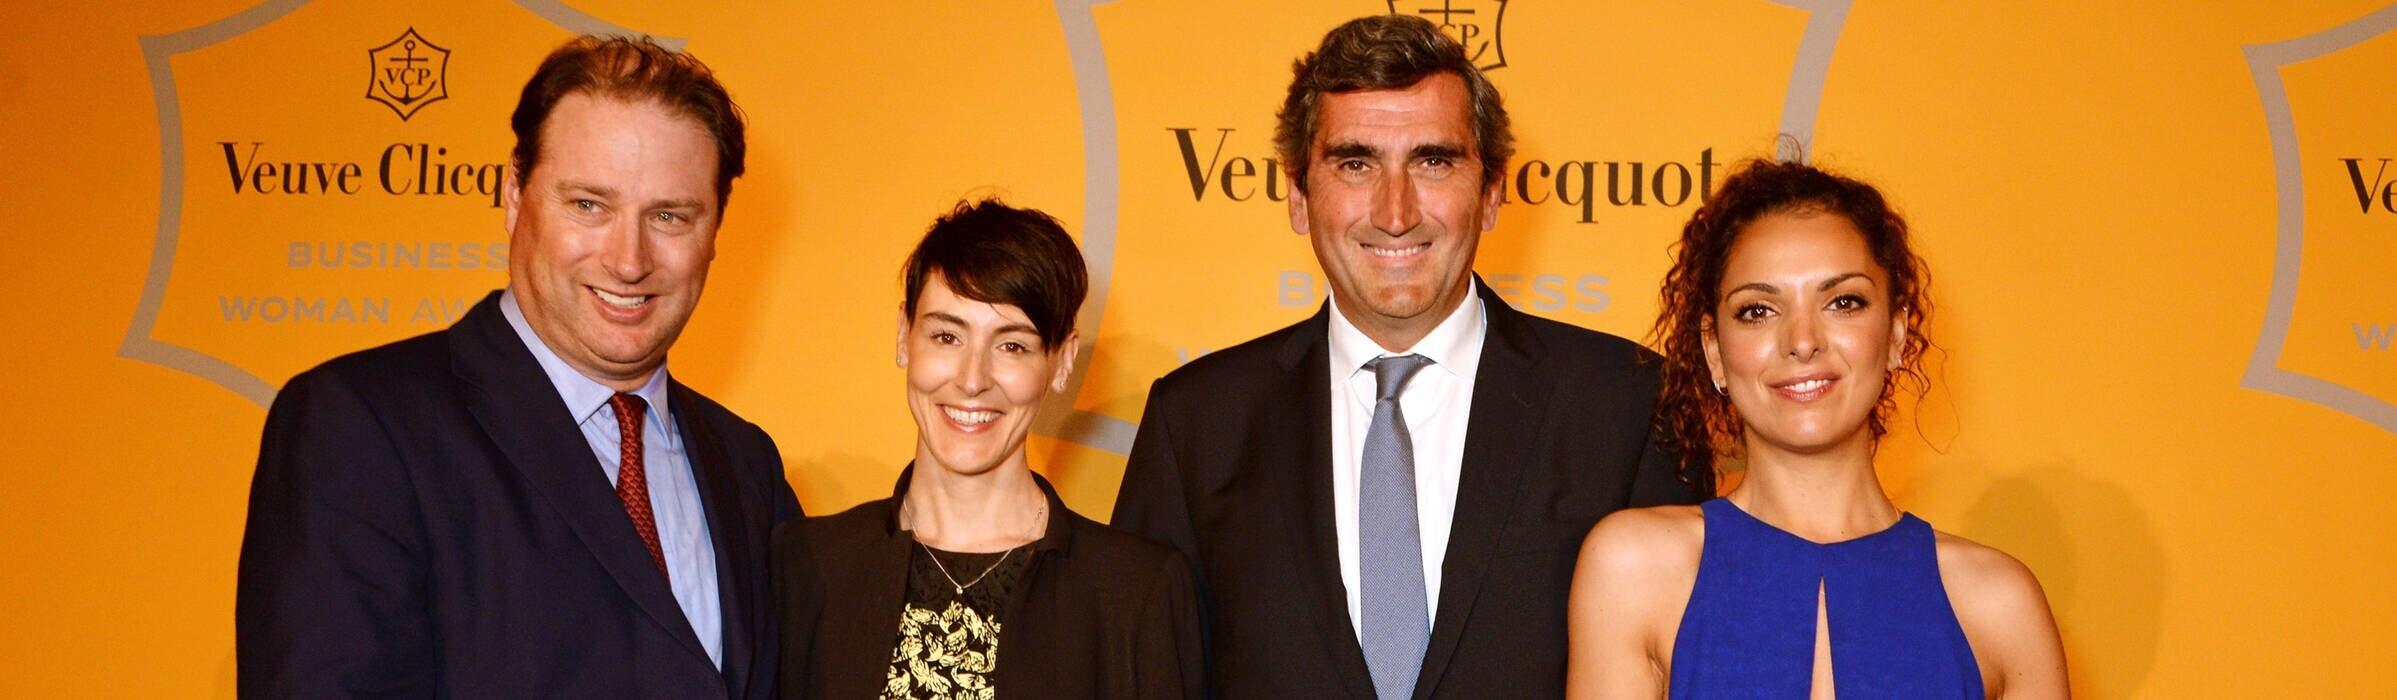 Veuve Clicquot - PREMIO ALLA MIGLIOR DONNA D'AFFARI